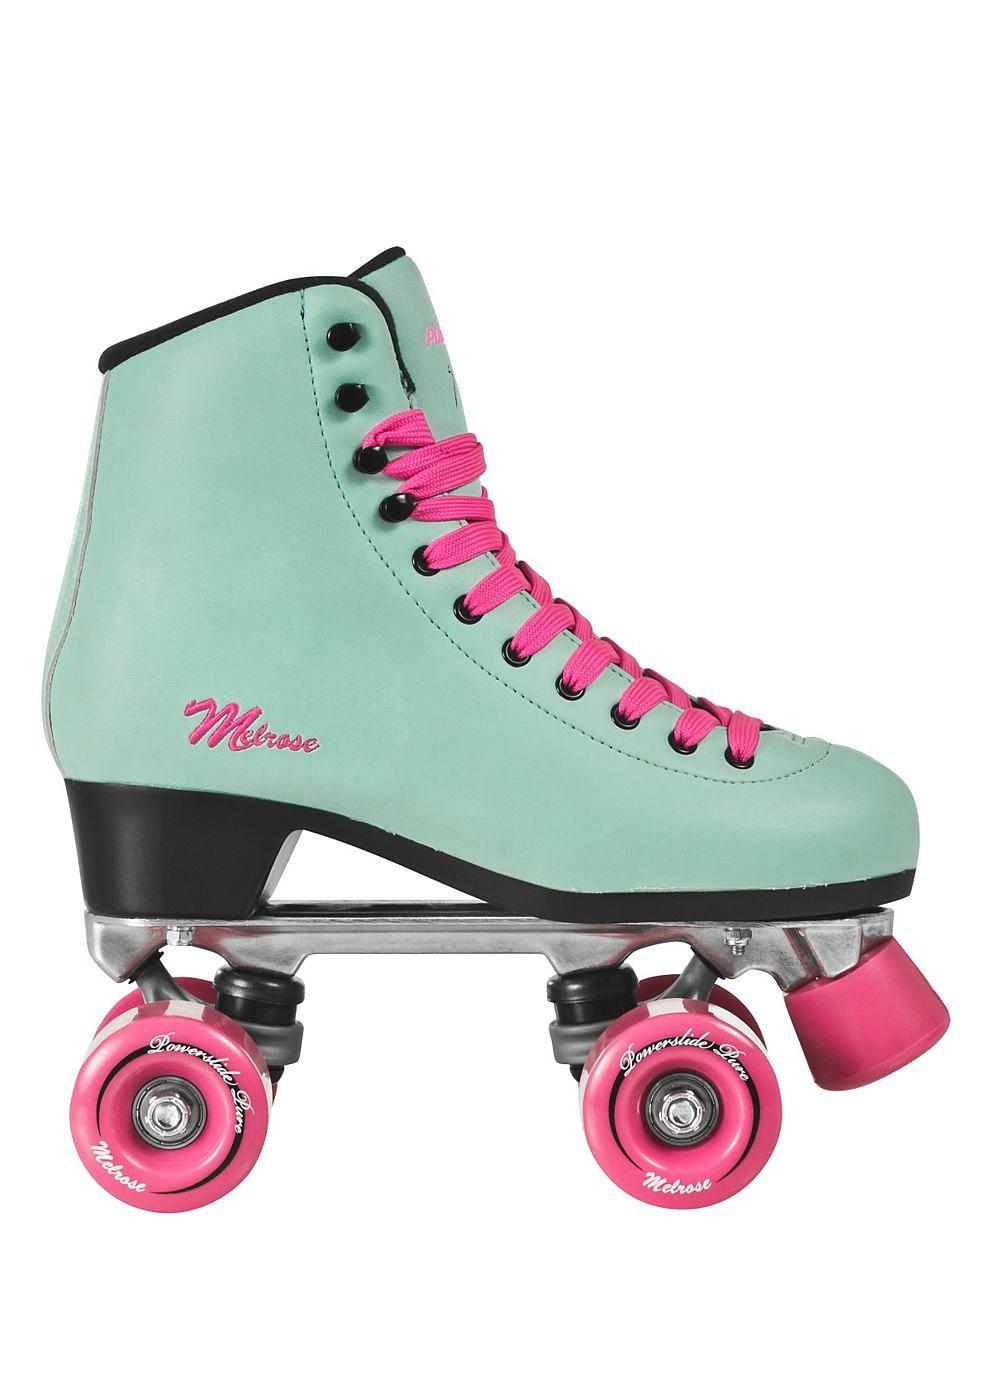 Zoella roller skates - Powerslide Rollschuhe Melrose Der Melrose Ist Ein Rollschuh Der Auff Llt